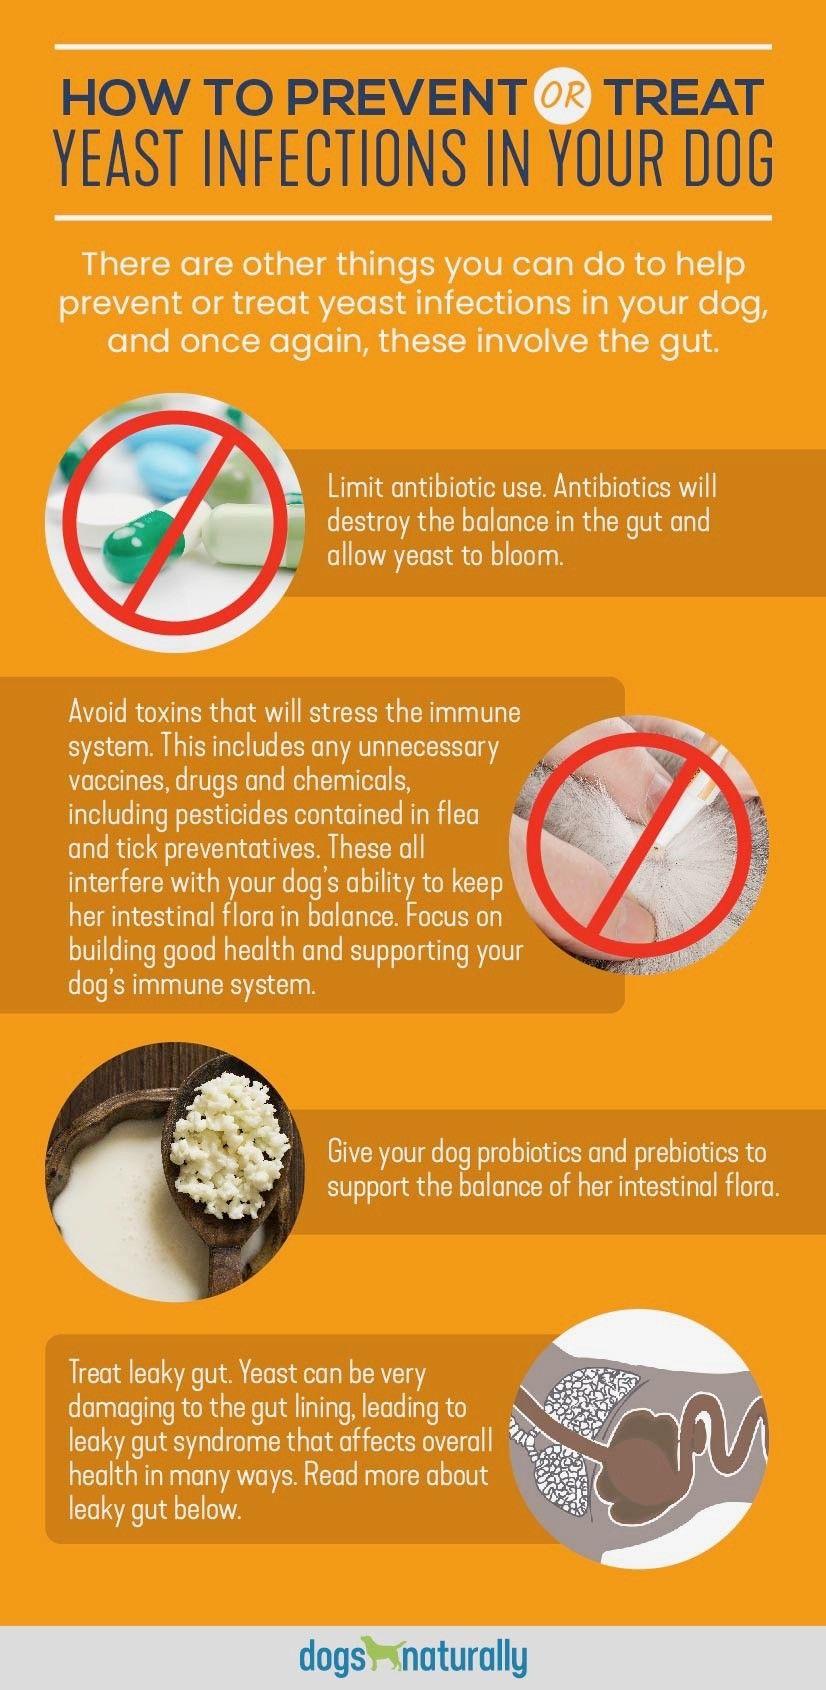 1570b0d78cc64d650a04c9349c2fa2d6 - How To Get Rid Of Yeast In My Dog